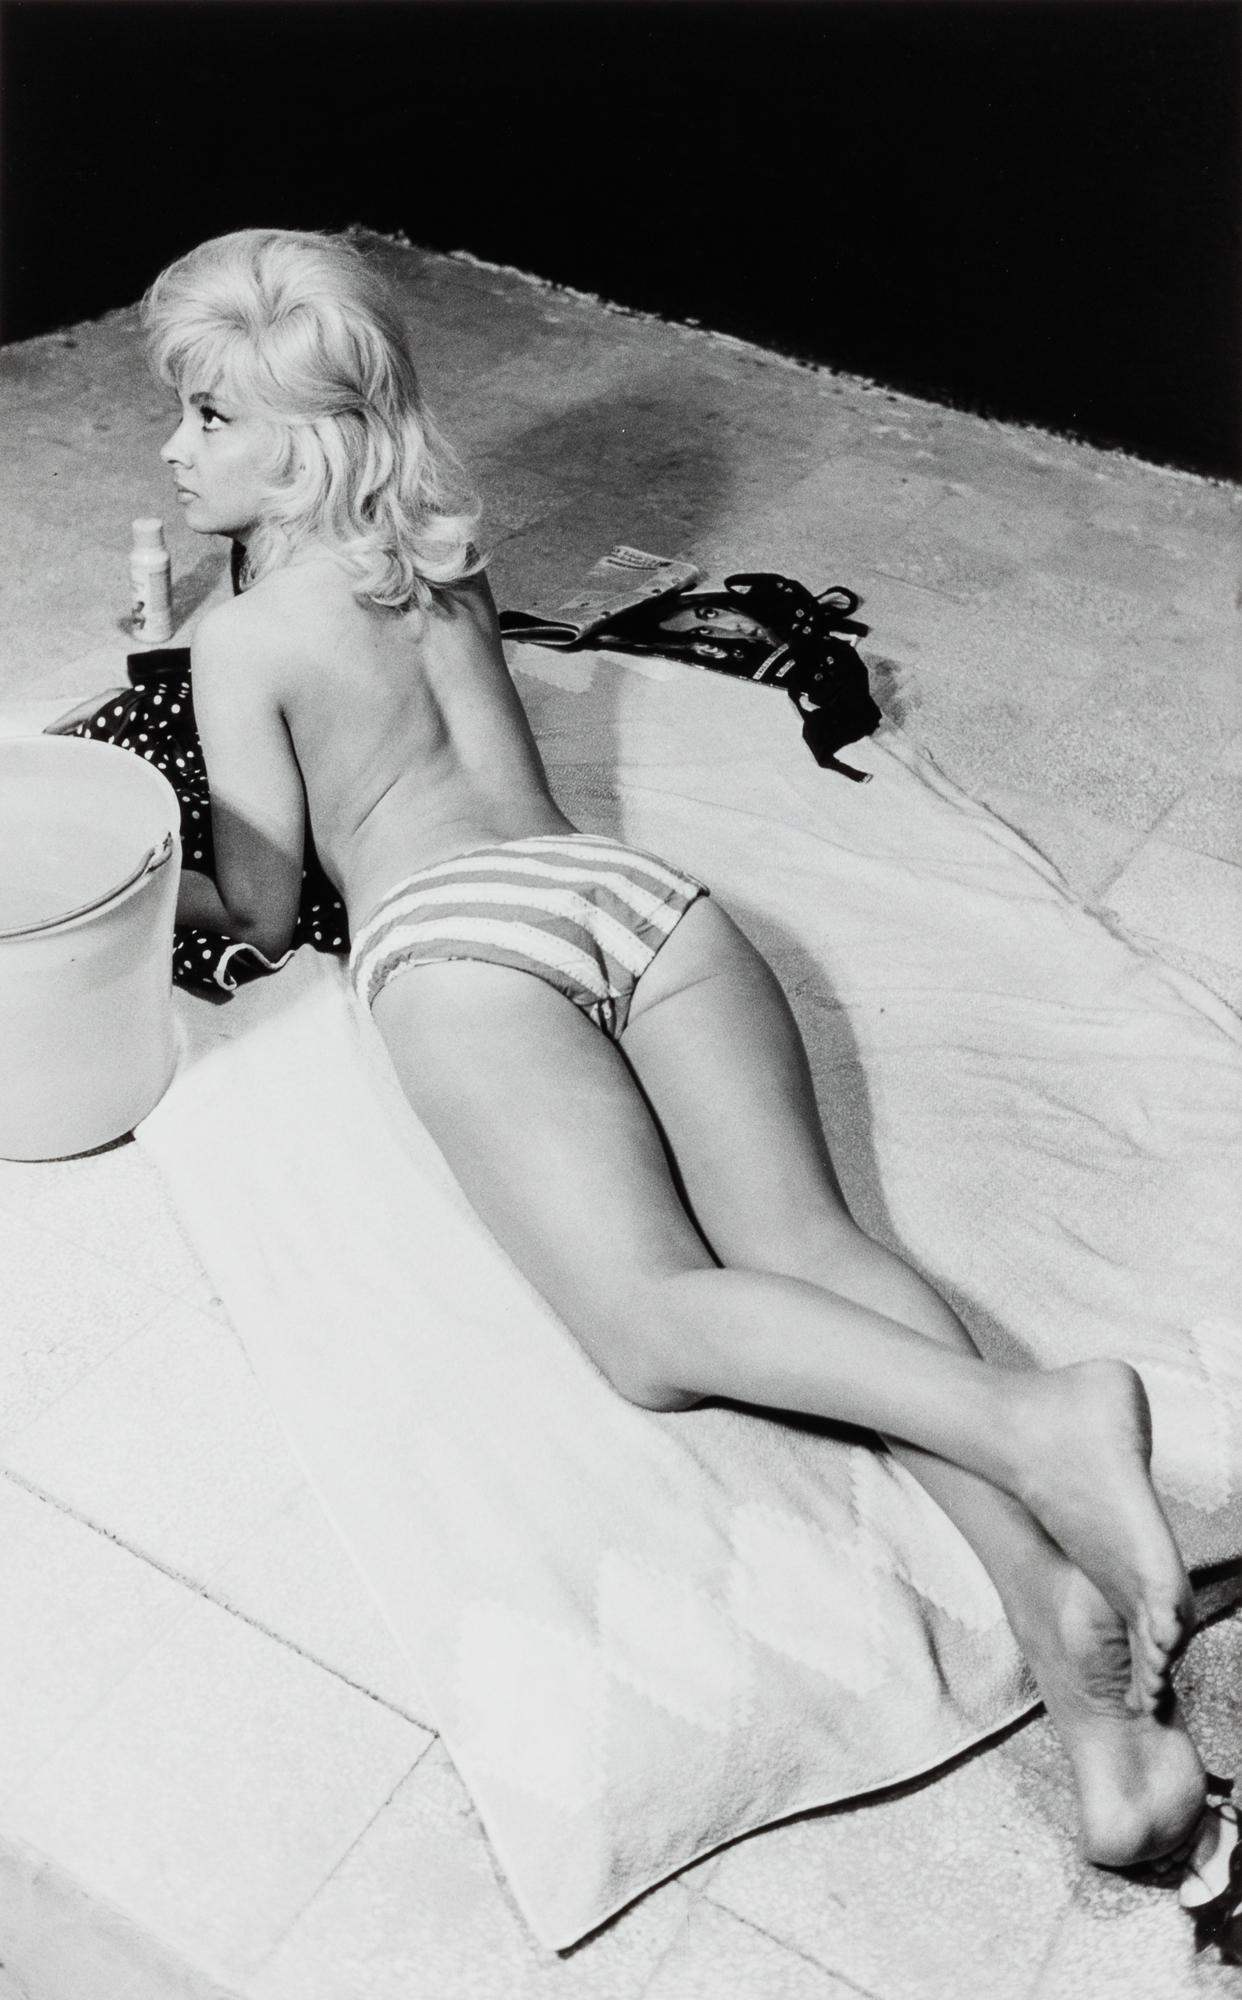 Gina Lollobrigida, La bellezza di Ippolita, 1962